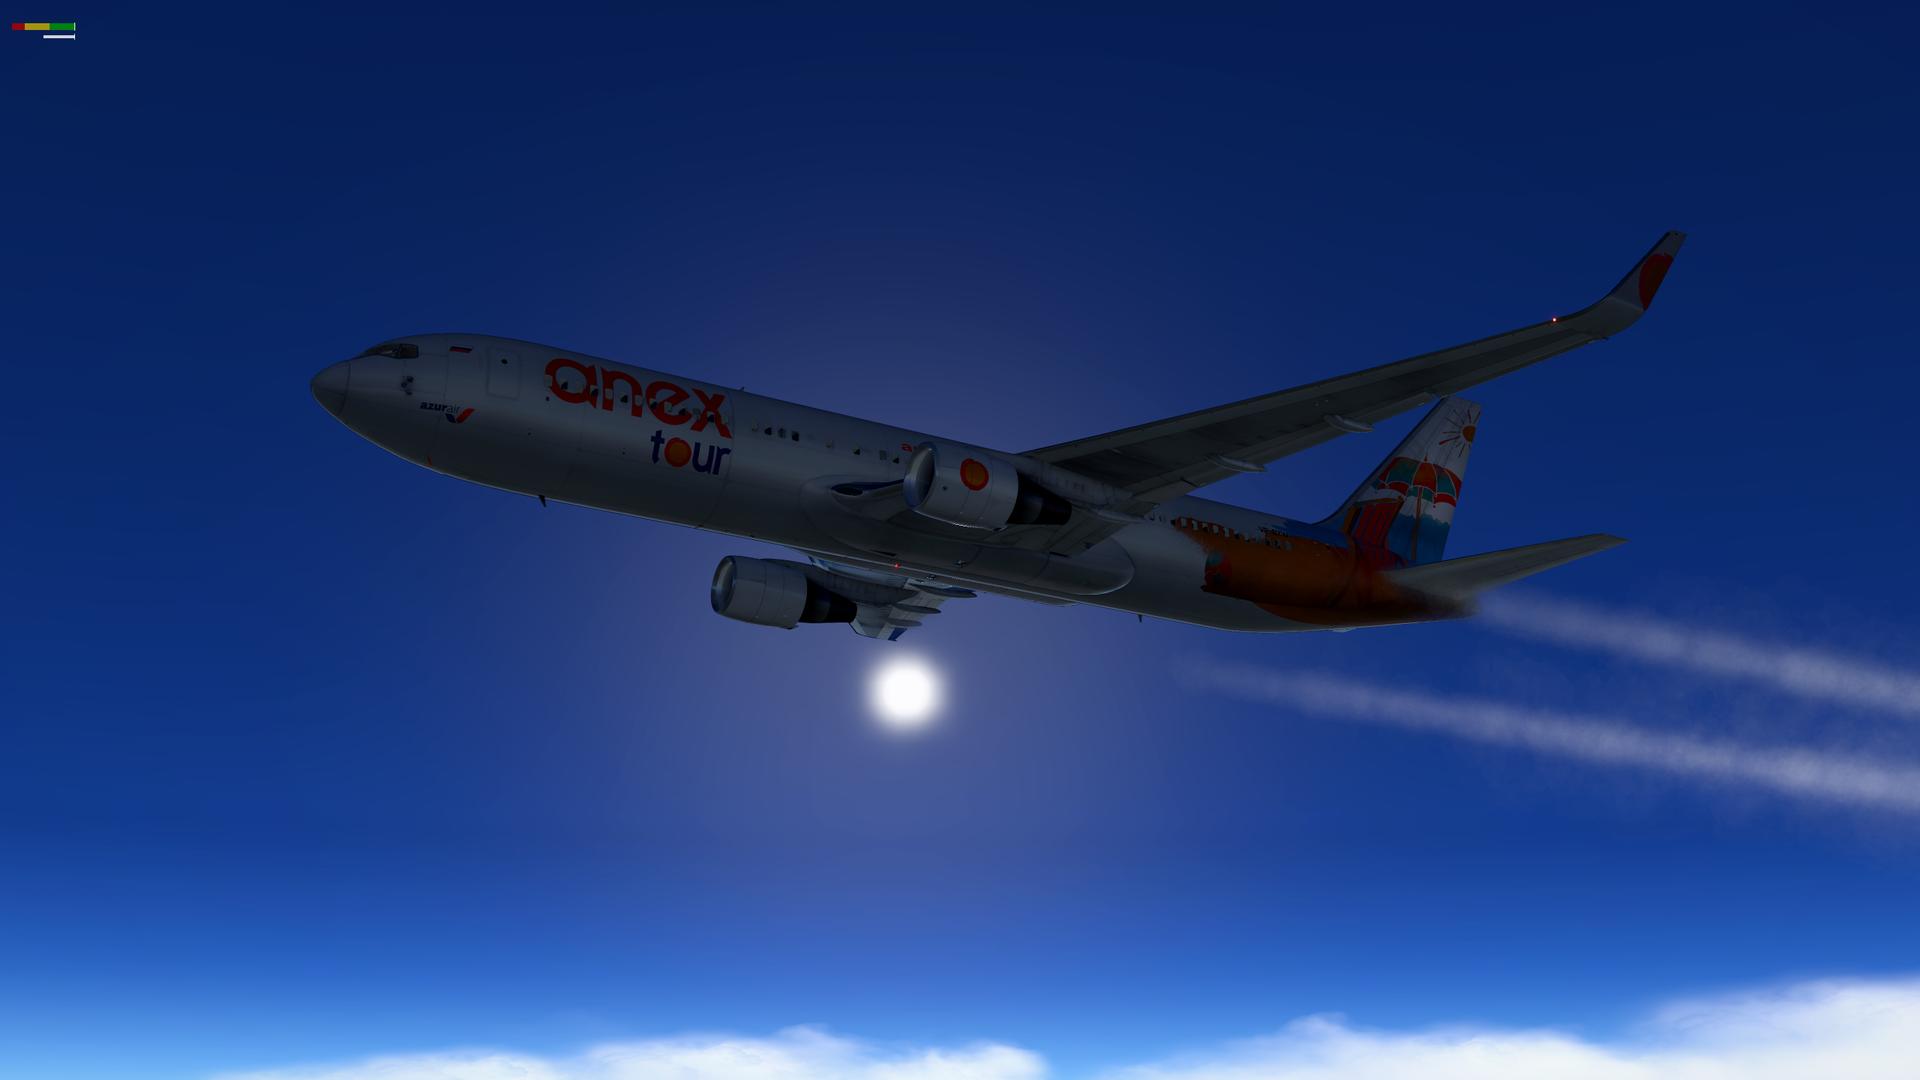 767-300ER_xp11 - 2019-06-23 19.05.50.png